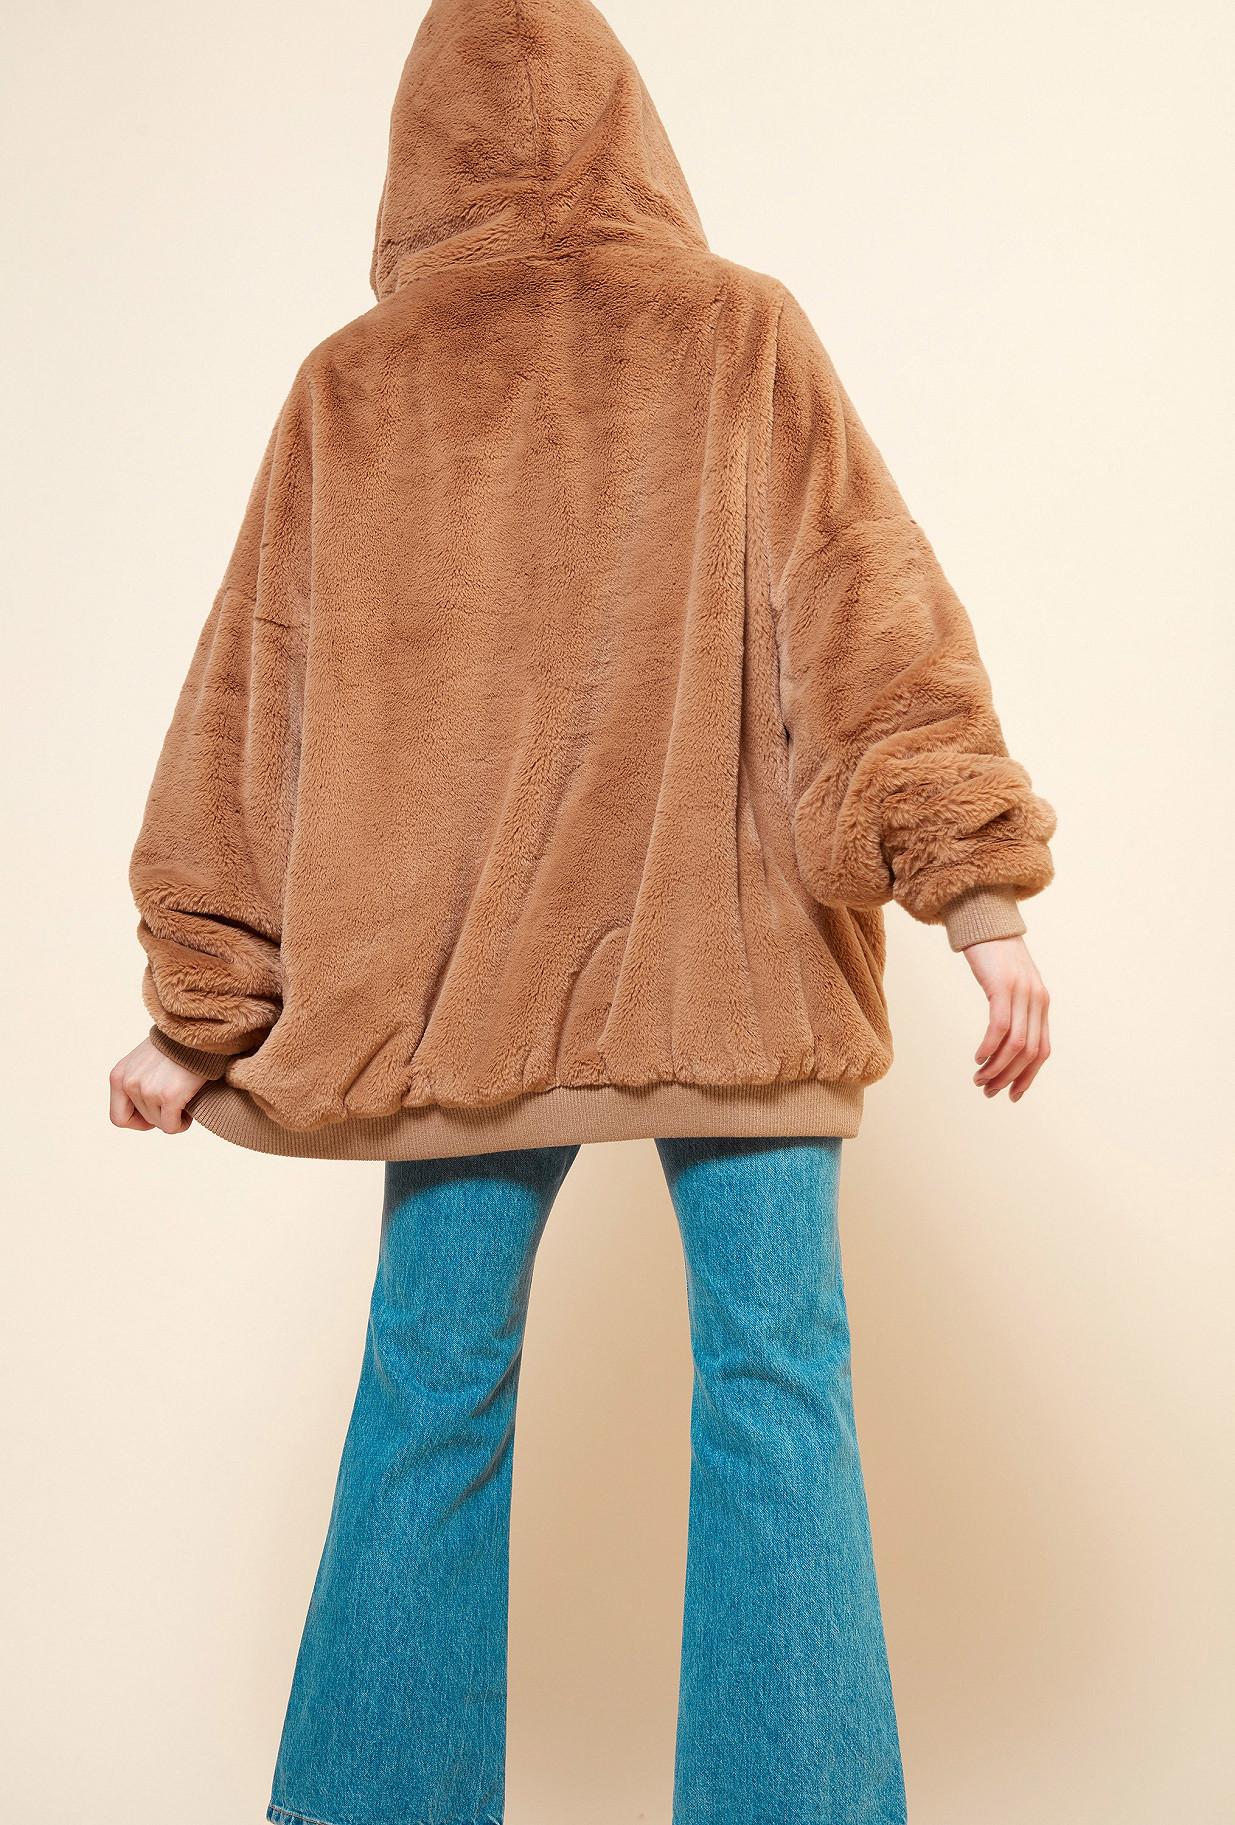 Camel COAT Godard Mes Demoiselles Paris